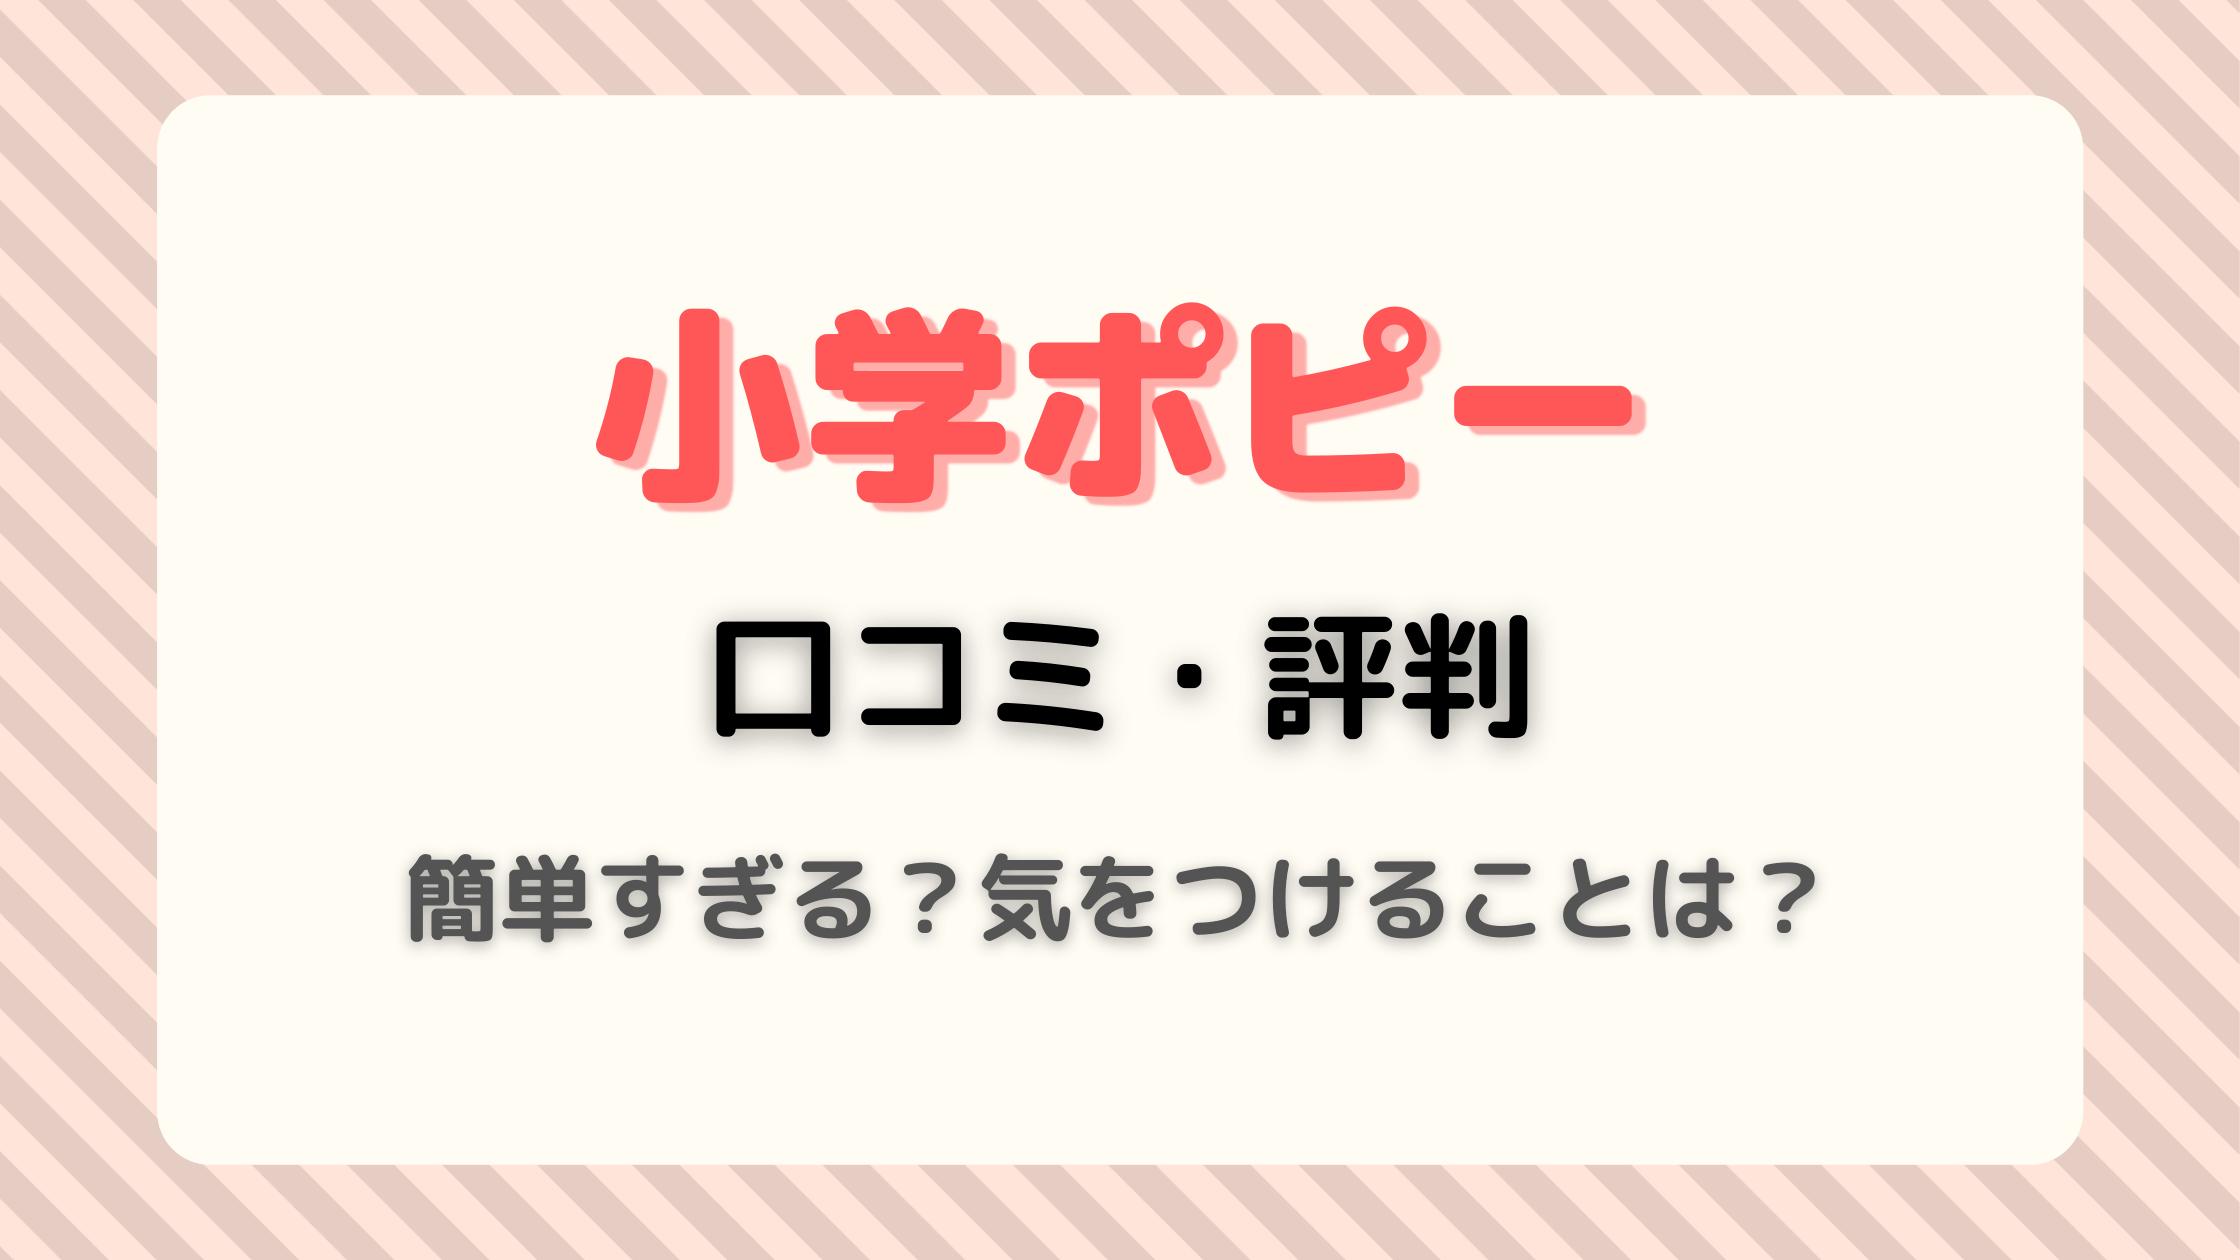 月刊ポピー 通信教育 小学ポピー 口コミ・評判